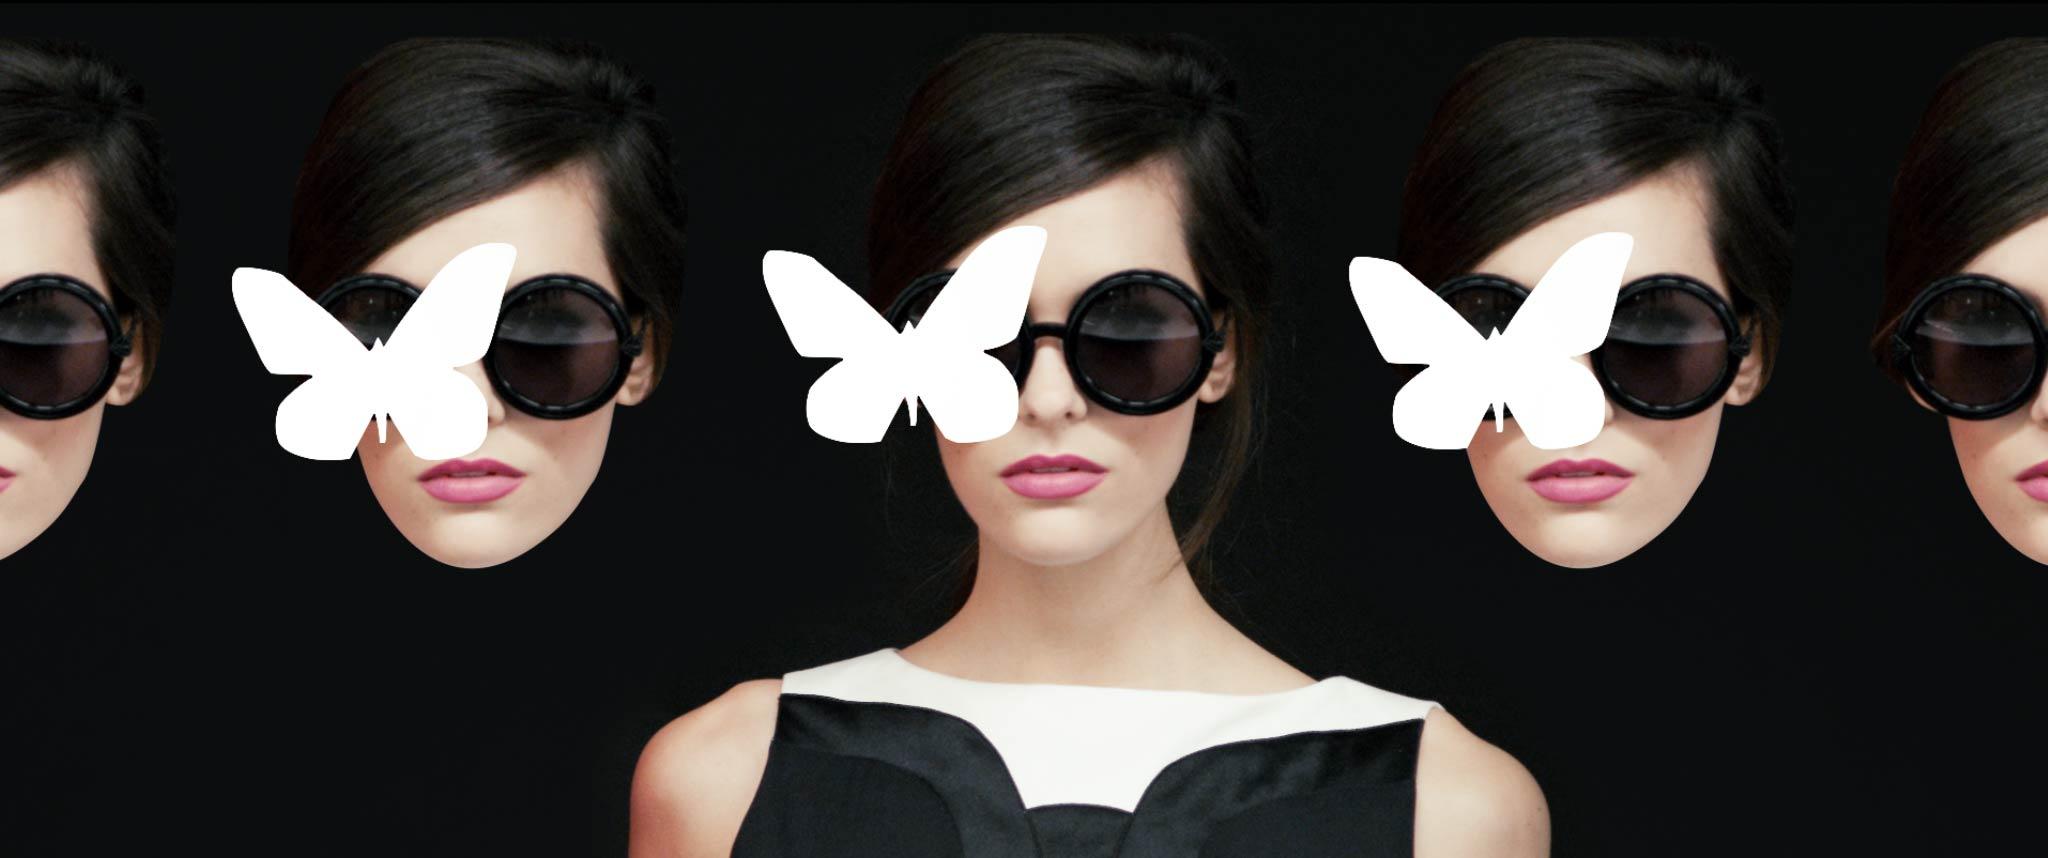 A&O_SS14_filmstill_butterfly.jpg